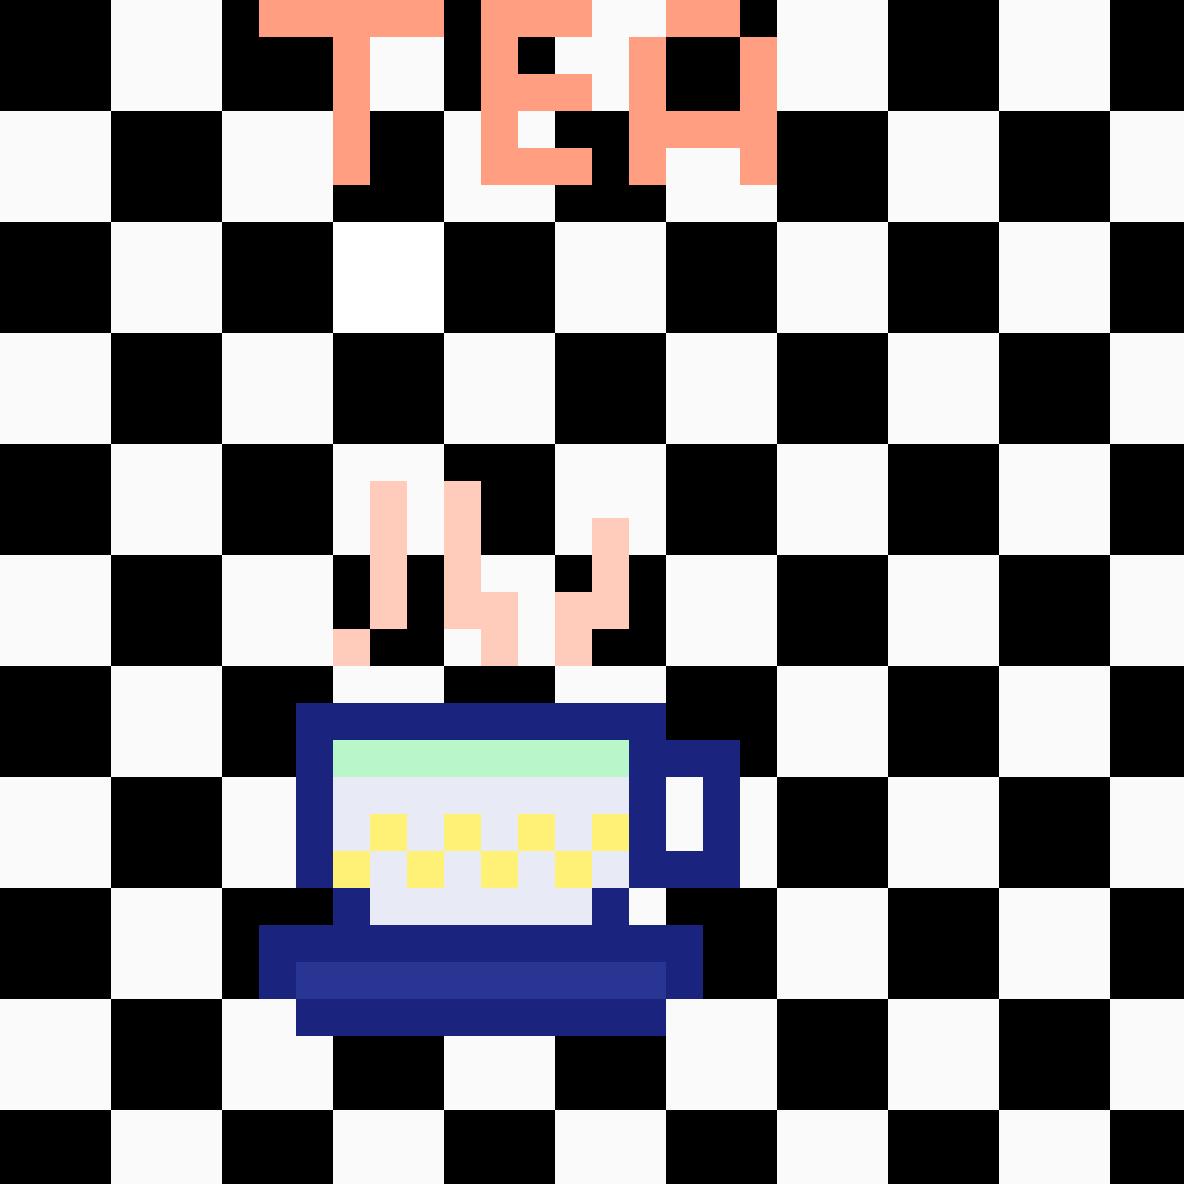 Tea Checkers by Swpie